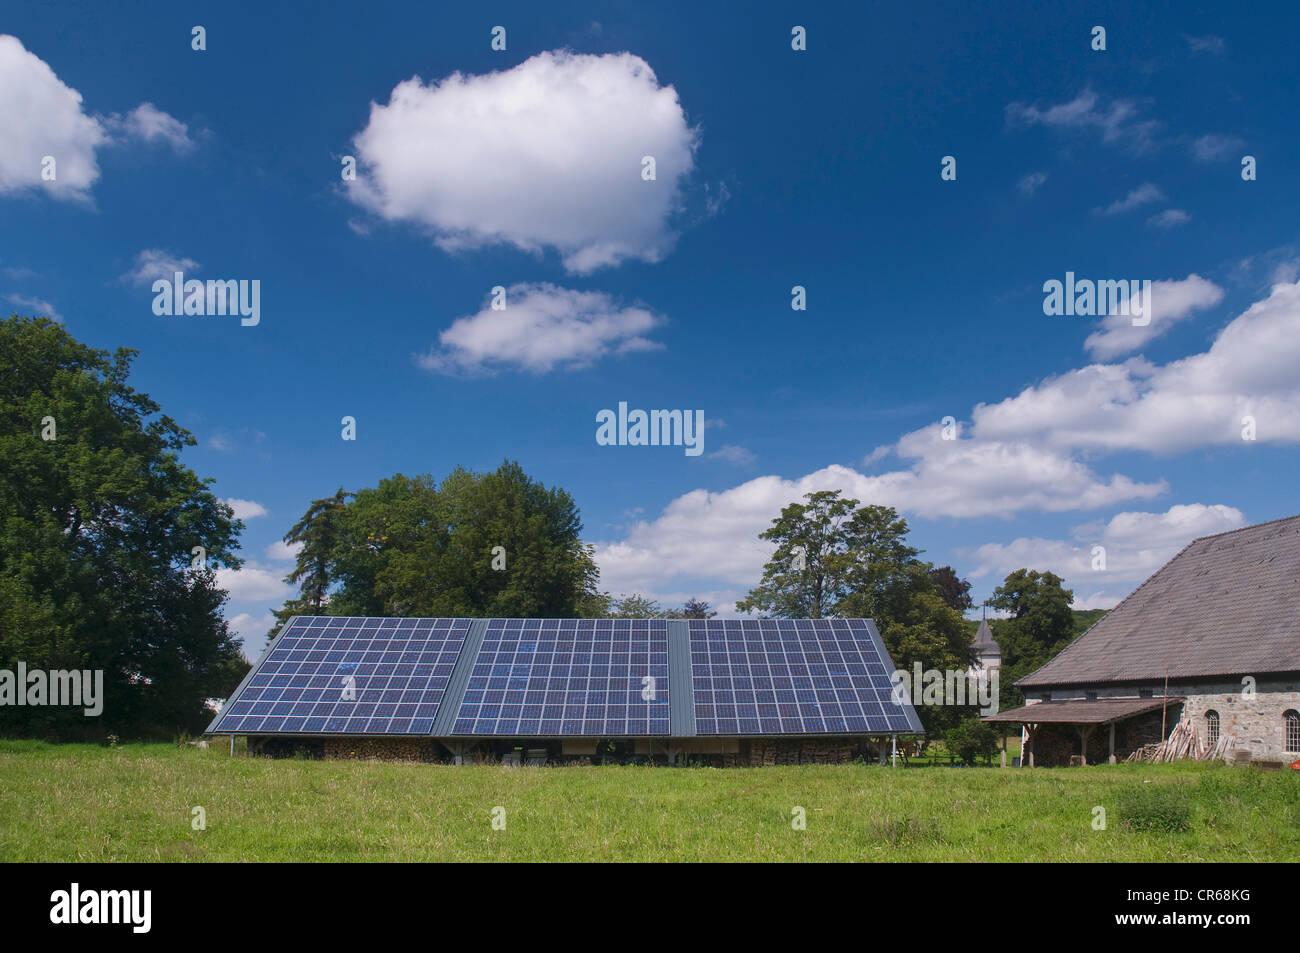 Sonnenkollektoren auf dem Dach von einem Schuppen, neben einem Bauernhof, Gebäude, PublicGround Stockbild